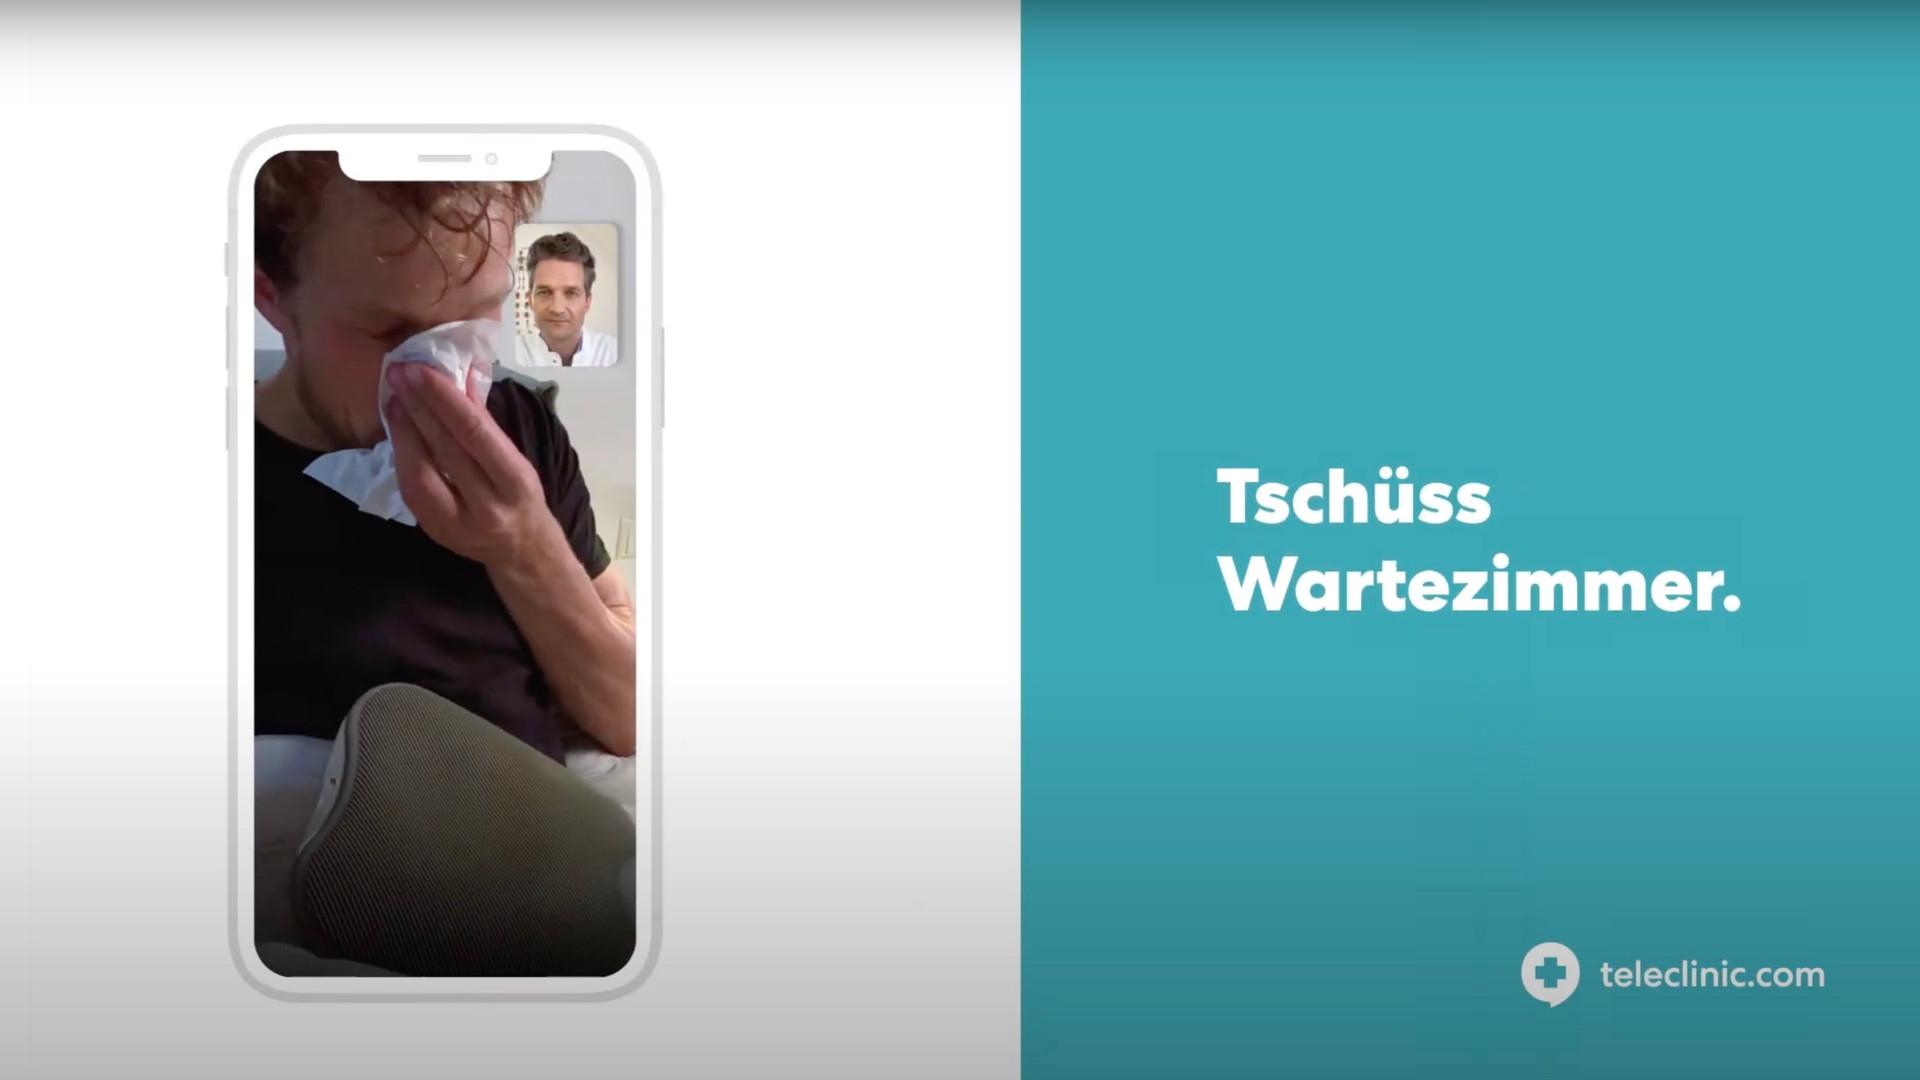 Teleclinic, Arzt, Patient, Werbung, TV, Model, Schauspieler, Andreas Müllner, krank, Medizin, Medikamente, Werbespot